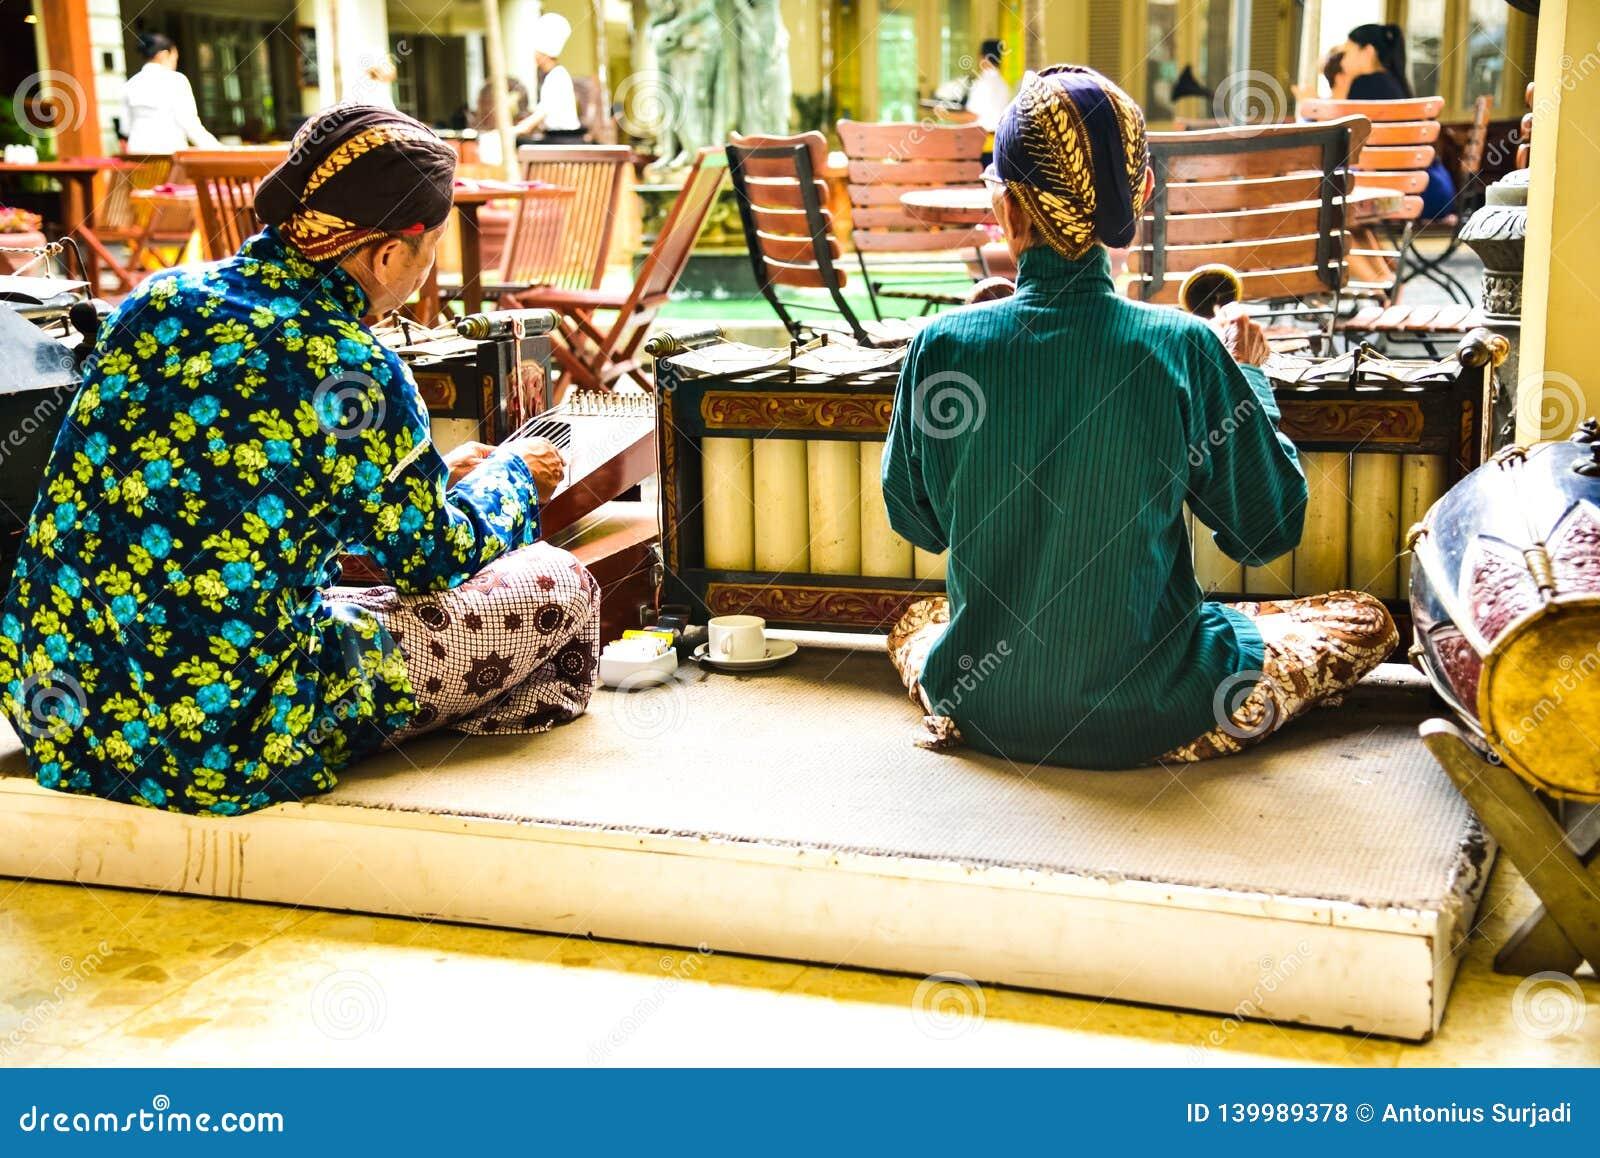 Anciões que vestem o uniforme tradicional que joga com os instrumentos de música velhos e antigos